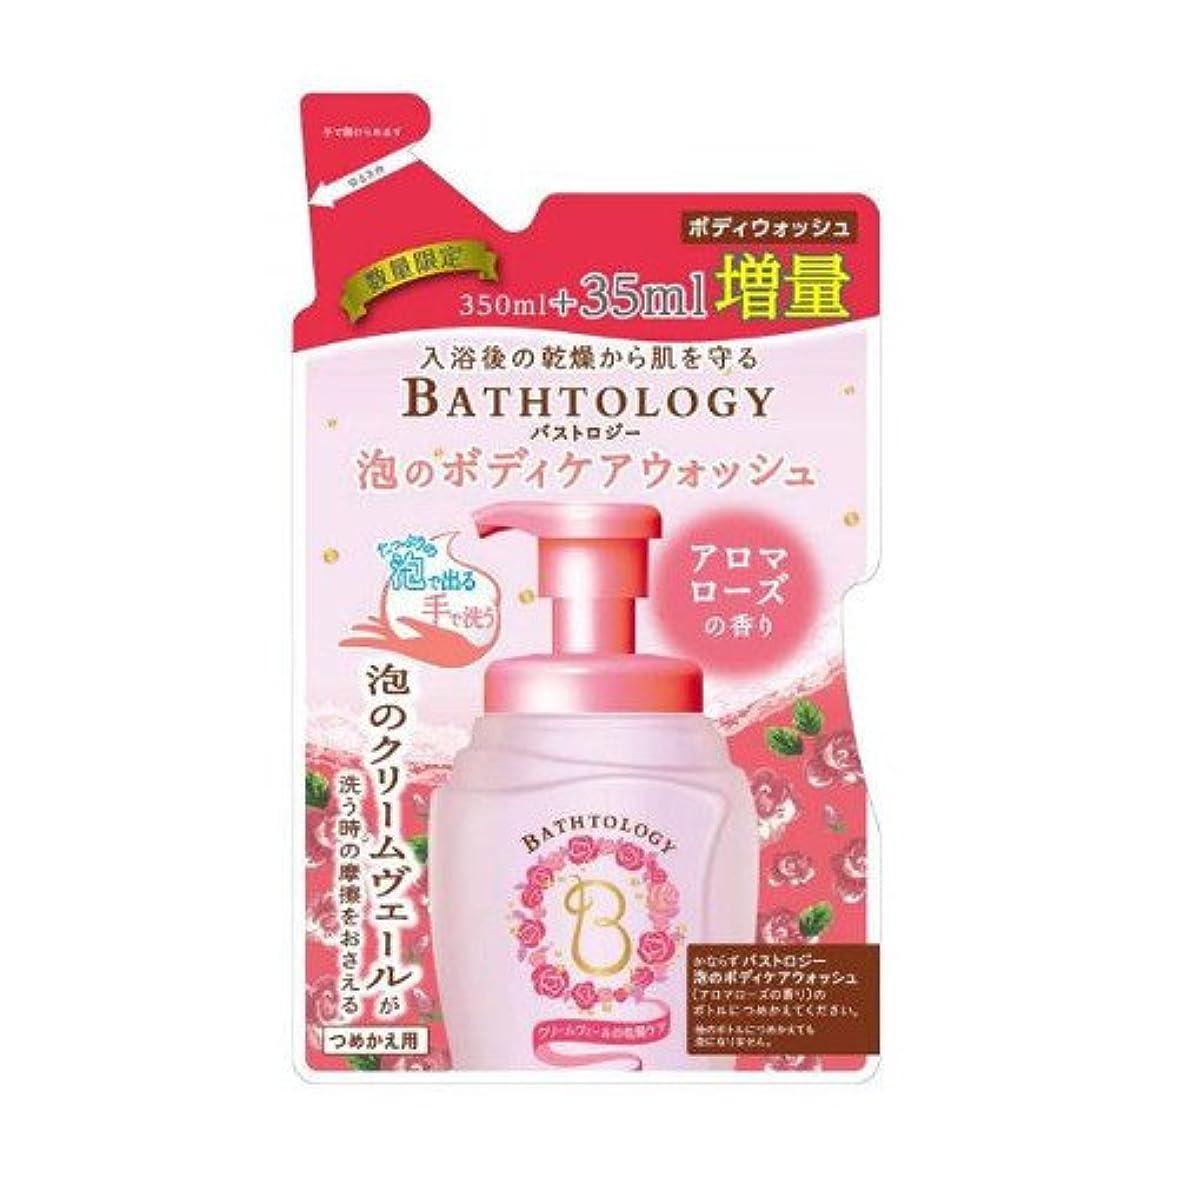 蛇行特許もちろんBATHTOLOGY(バストロジー) 泡のボディケアウォッシュ アロマローズの香り 詰替